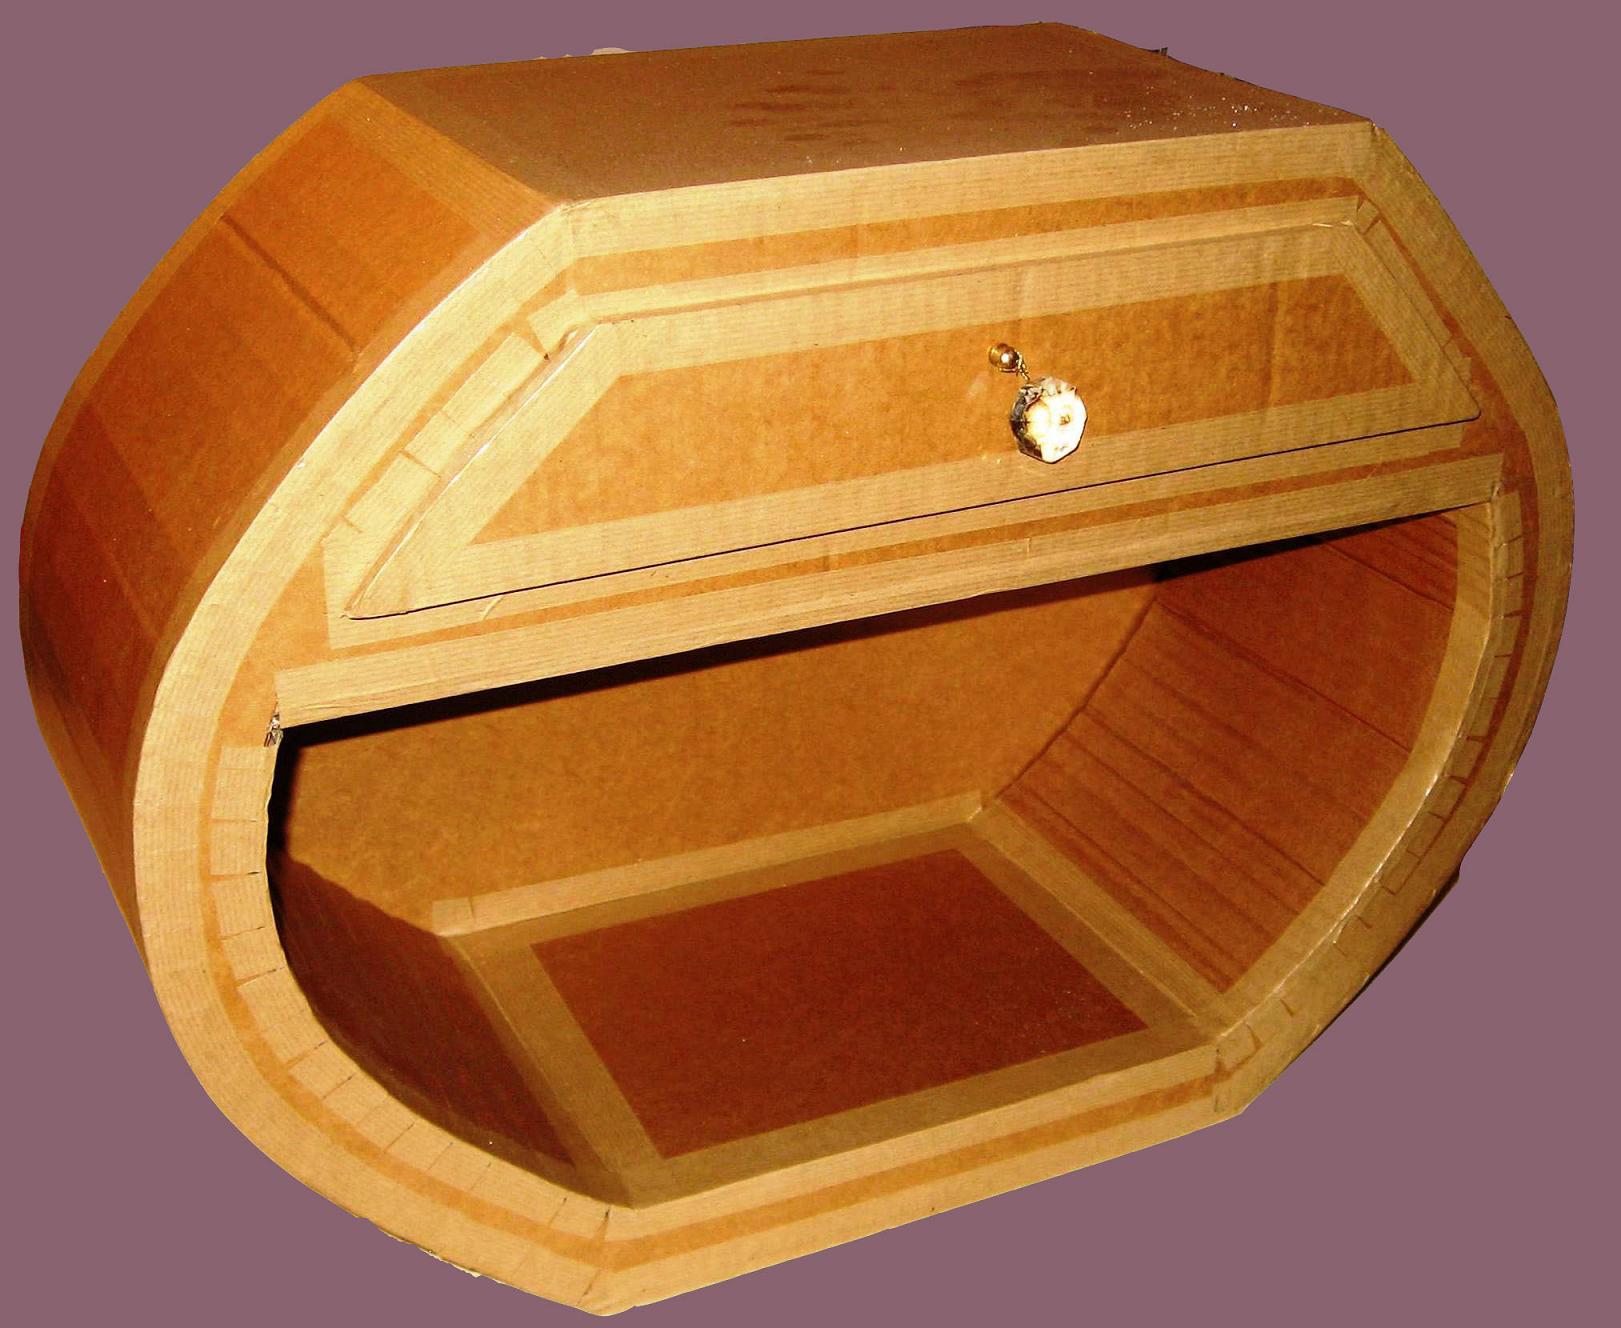 Vernis Ou Vitrificateur Sur Un Meuble Peint vitrifier un meuble en carton | pratique.fr